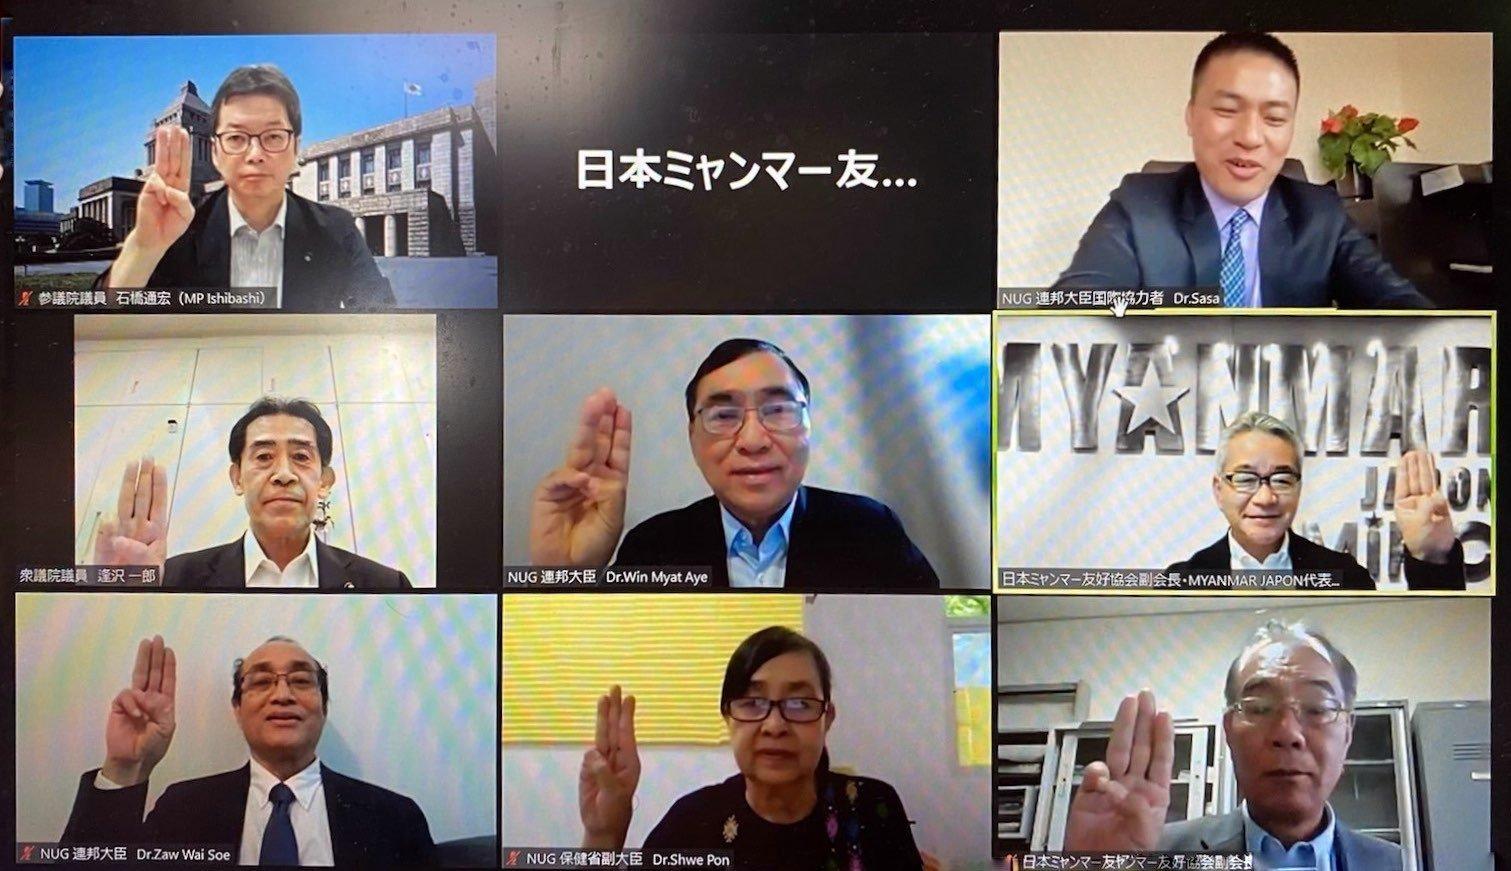 အမျိုးသား ညီညွတ်ရေးအစိုးရ (NUG)၏ ပြည်ထောင်စု ဝန်ကြီးများနှင့်  ဂျပန်လွှတ်တော် အမတ်များ၏ တွေ့ဆုံဆွေးနွေးပွဲ